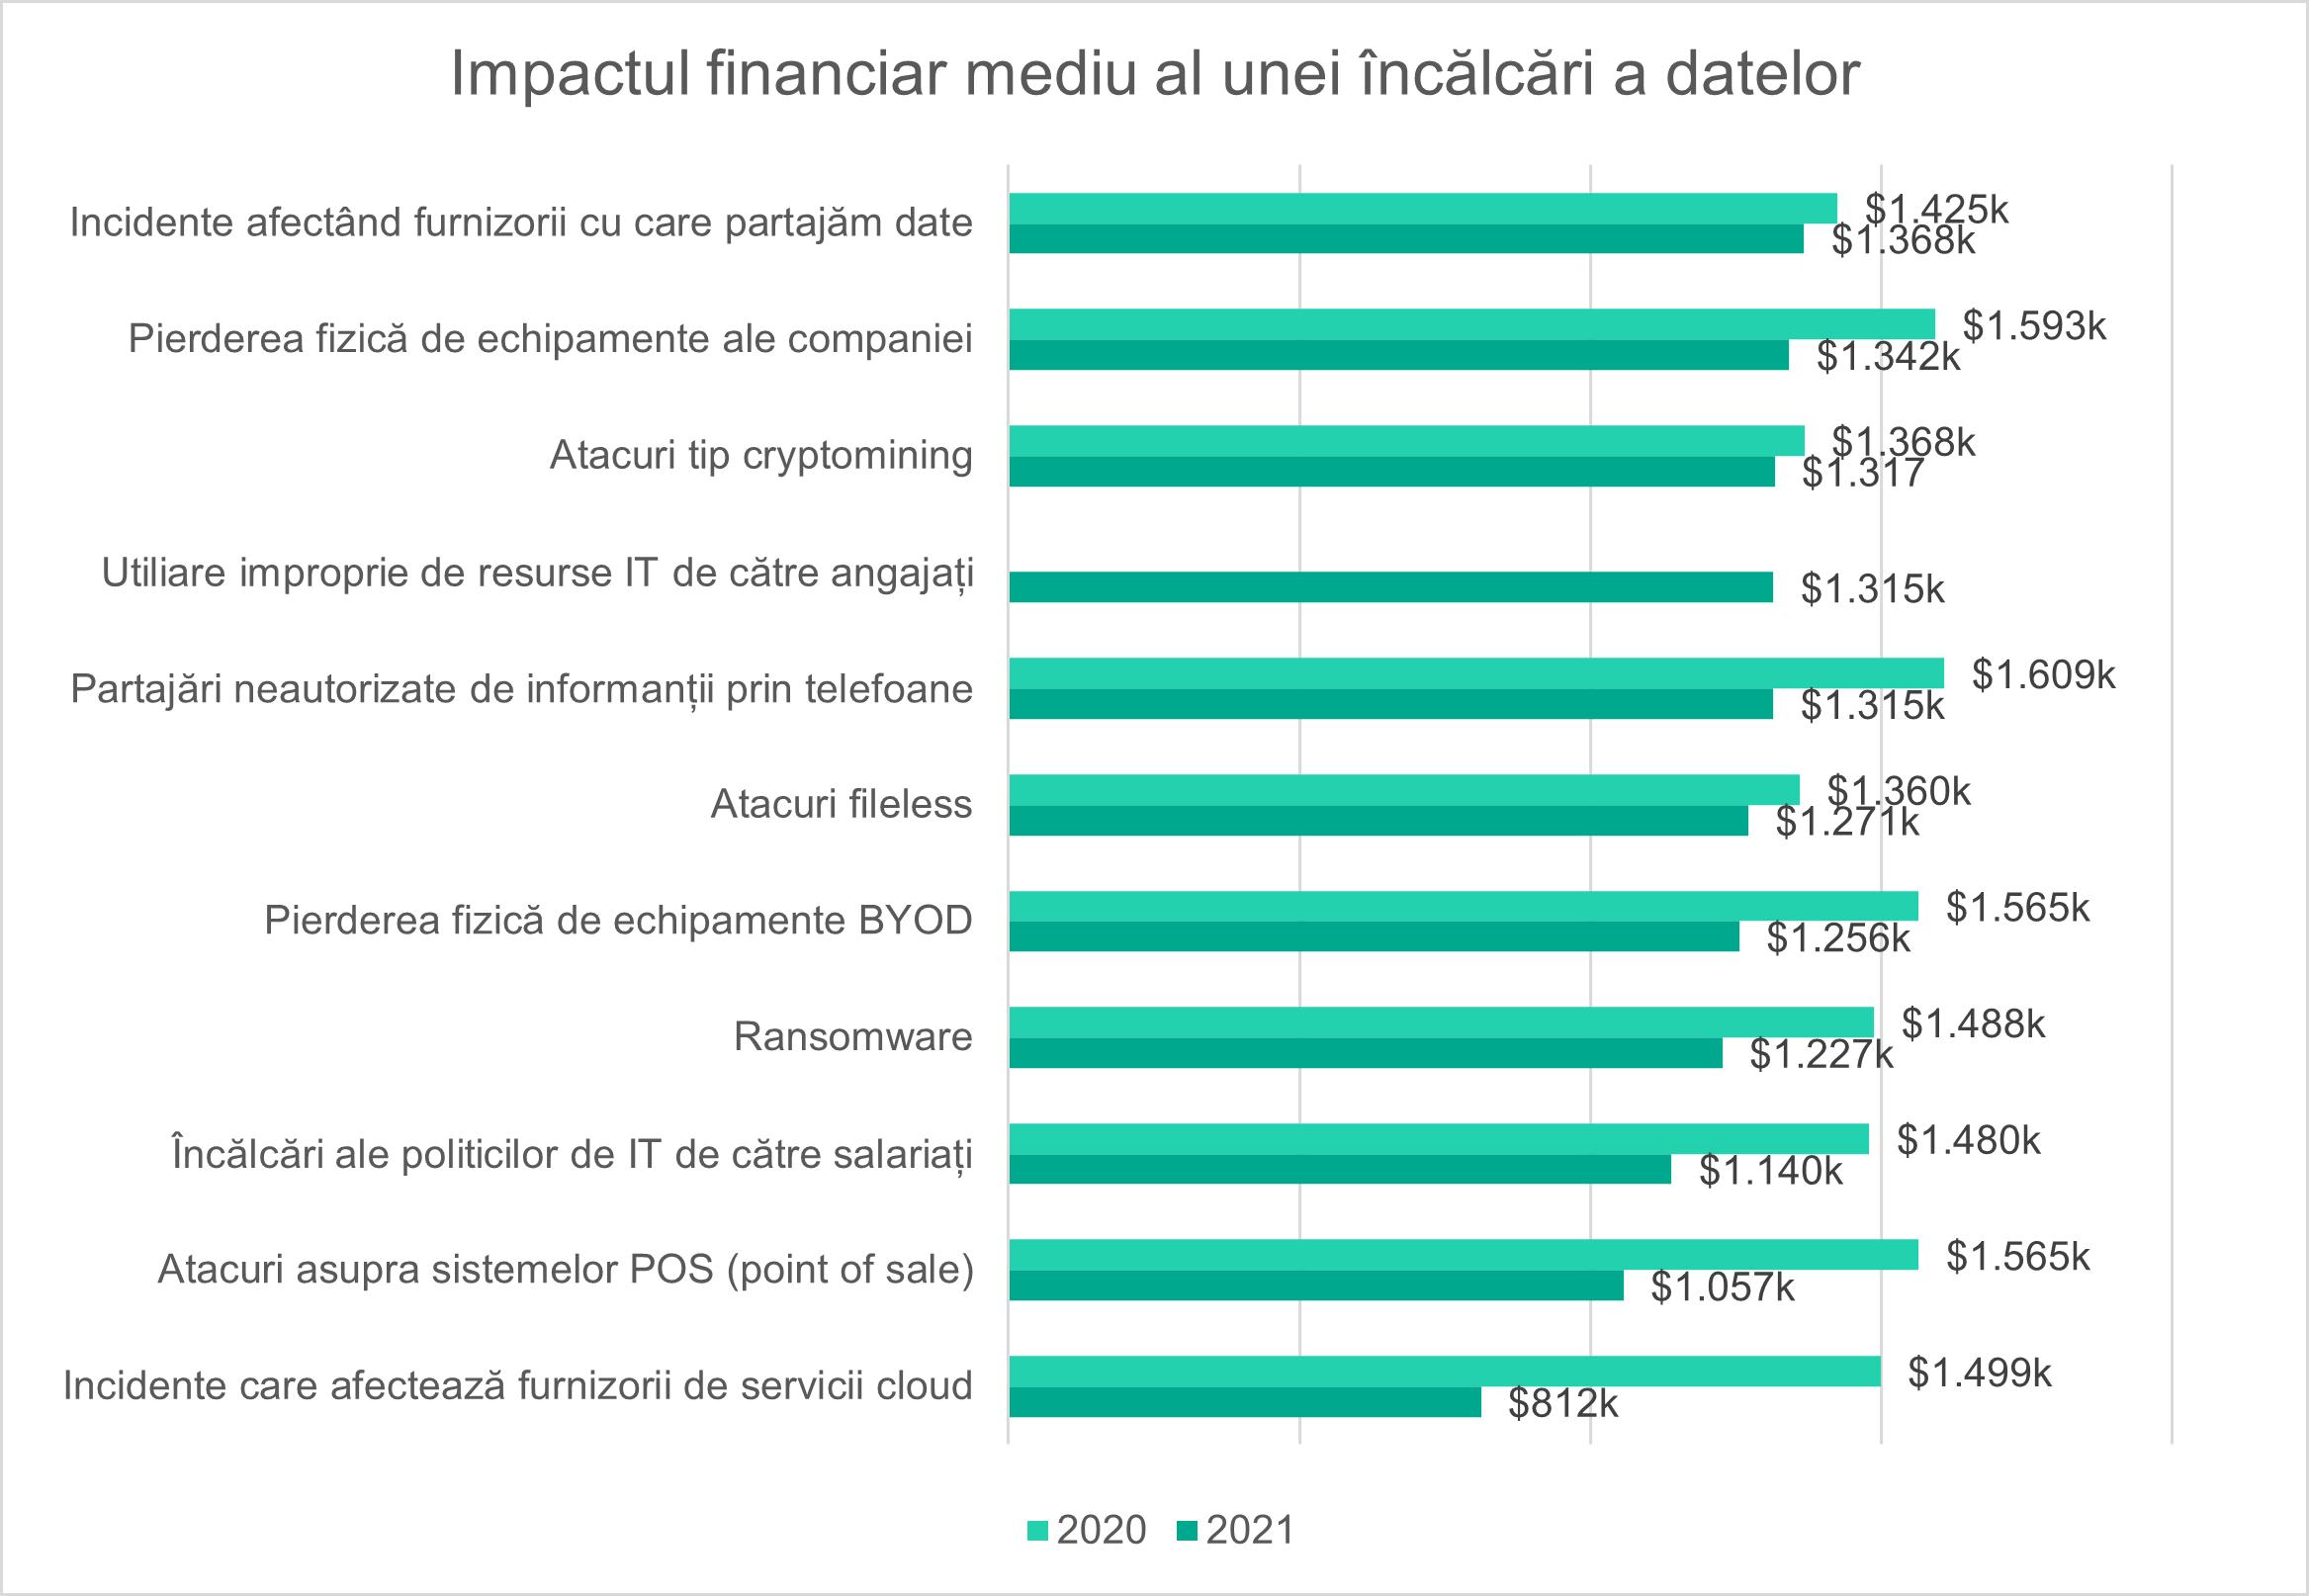 Costuri de parteneriat: incidentele furnizorilor au devenit cele mai costisitoare breșe de date pentru companii în 2021